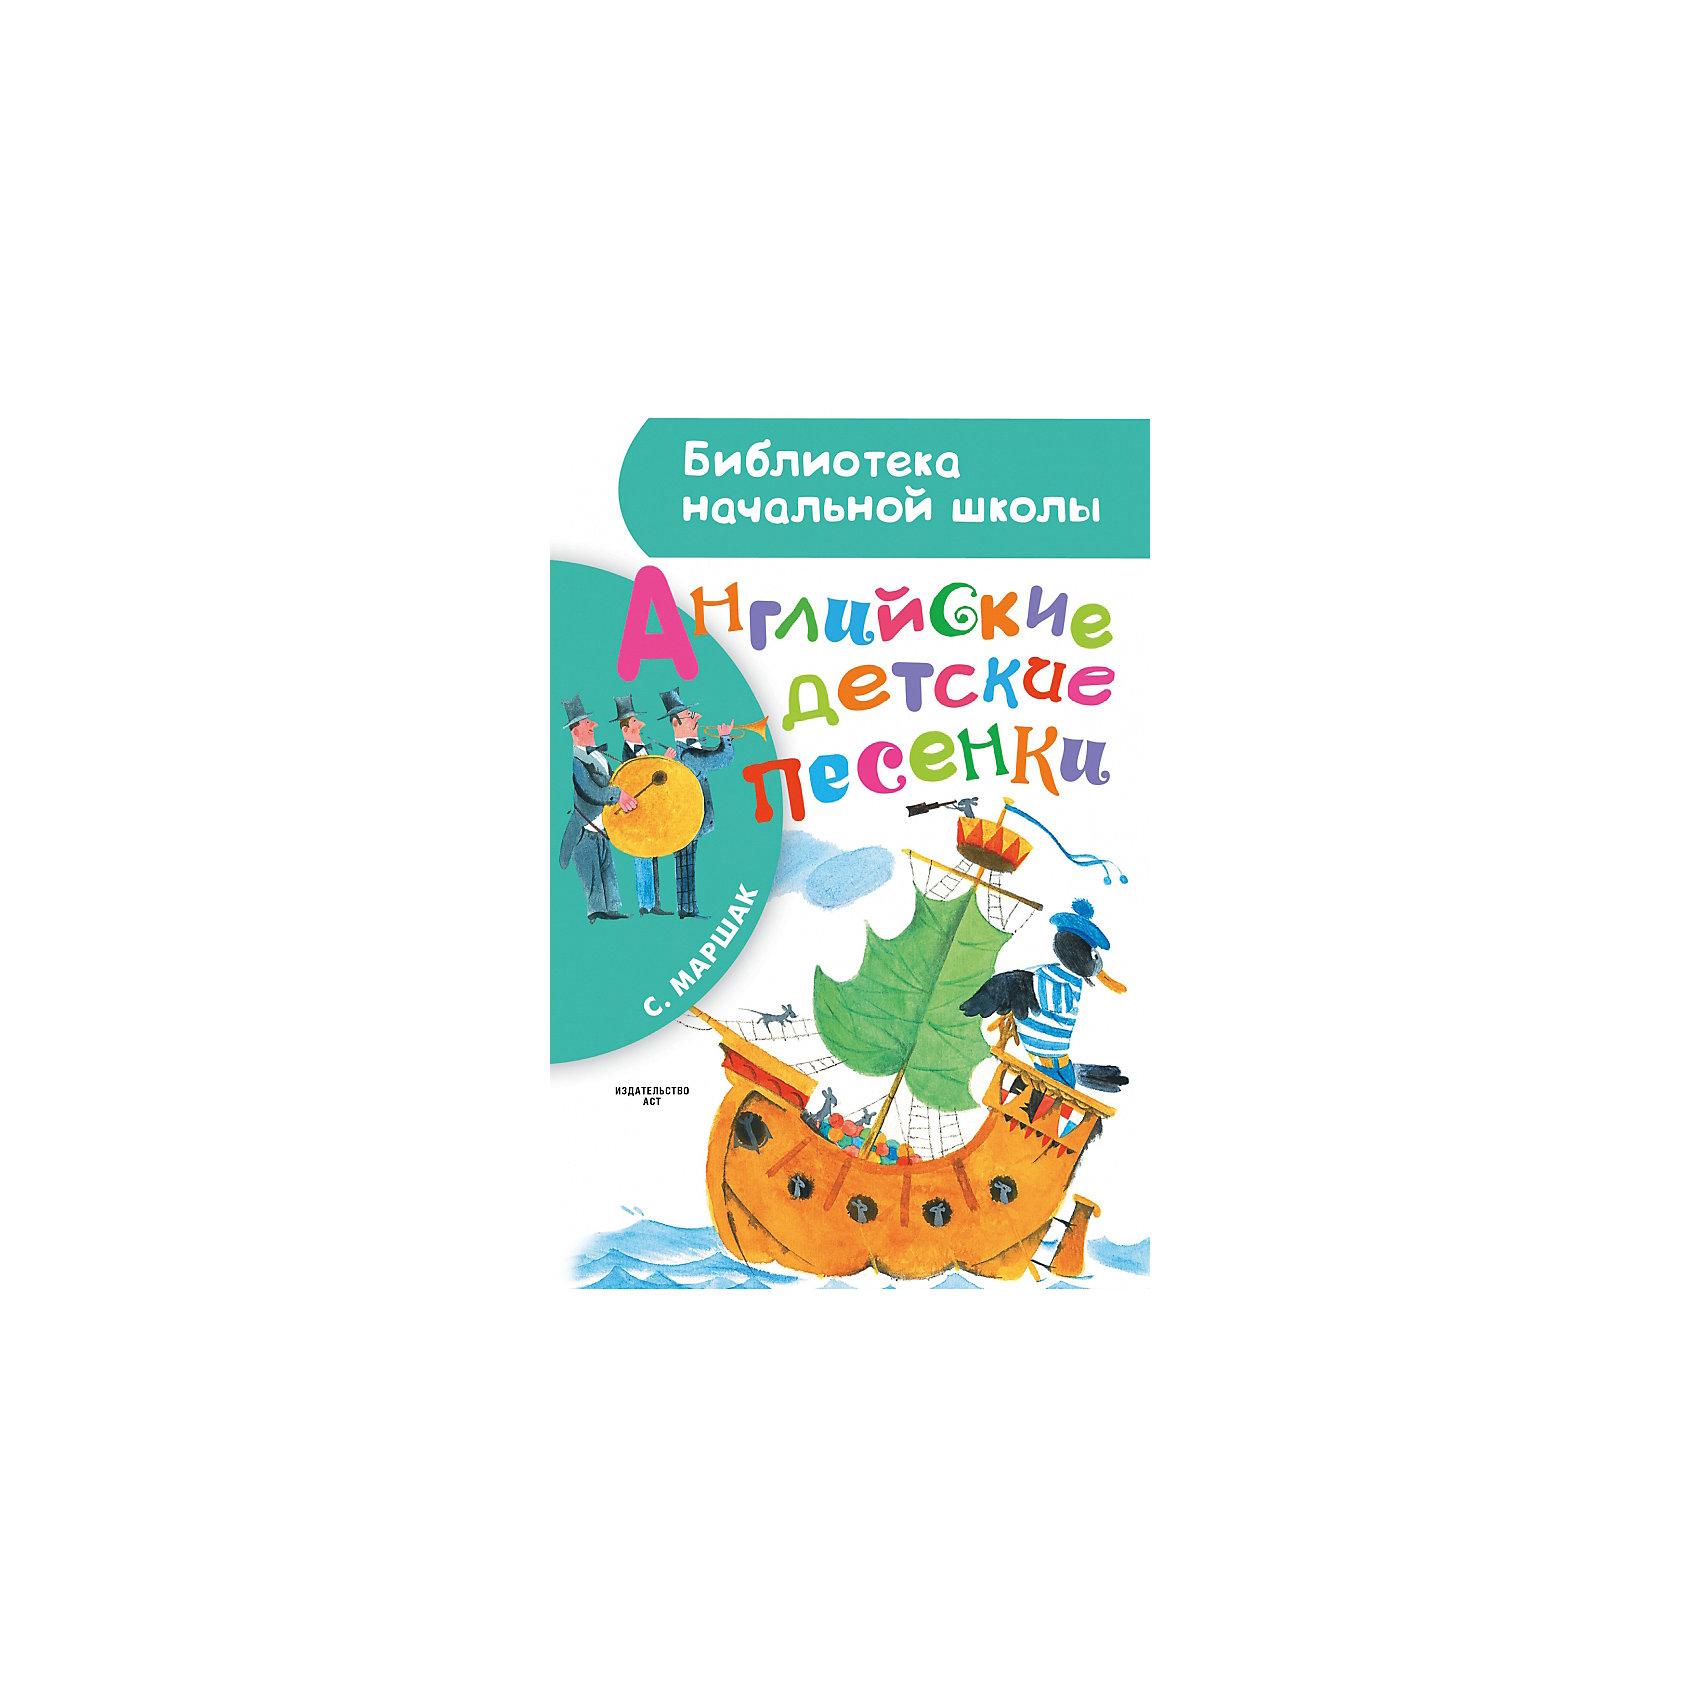 Английские детские песенкиАнглийские детские песенки, из которых нам знакомы такие песенки как «Робин-Бобин», «Дом, который построил Джек», «Перчатки», «Шалтай-Болтай», «Кораблик». Оригинальные песни в переводе С.Я. Маршака. Песенки подходят для детей младшего школьного возраста. Эта книга будет отличным дополнением в детской библиотеке. <br><br><br>Дополнительная информация:<br>- год выпуска: 2016<br>- количество страниц: 80<br>- формат: 220 * 145 * 10 мм.<br>- Переплет: твердый<br>- вес: 225 гр.<br><br>Книгу Английские детские песенки можно купить в нашем интернет - магазине.<br>Подробнее:<br>• ISBN: 9785170941315<br>• Для детей в возрасте: от 7 лет<br>• Номер товара: 4902153<br>Страна производитель: Российская Федерация<br><br>Ширина мм: 10<br>Глубина мм: 138<br>Высота мм: 212<br>Вес г: 225<br>Возраст от месяцев: 84<br>Возраст до месяцев: 2147483647<br>Пол: Унисекс<br>Возраст: Детский<br>SKU: 4902153